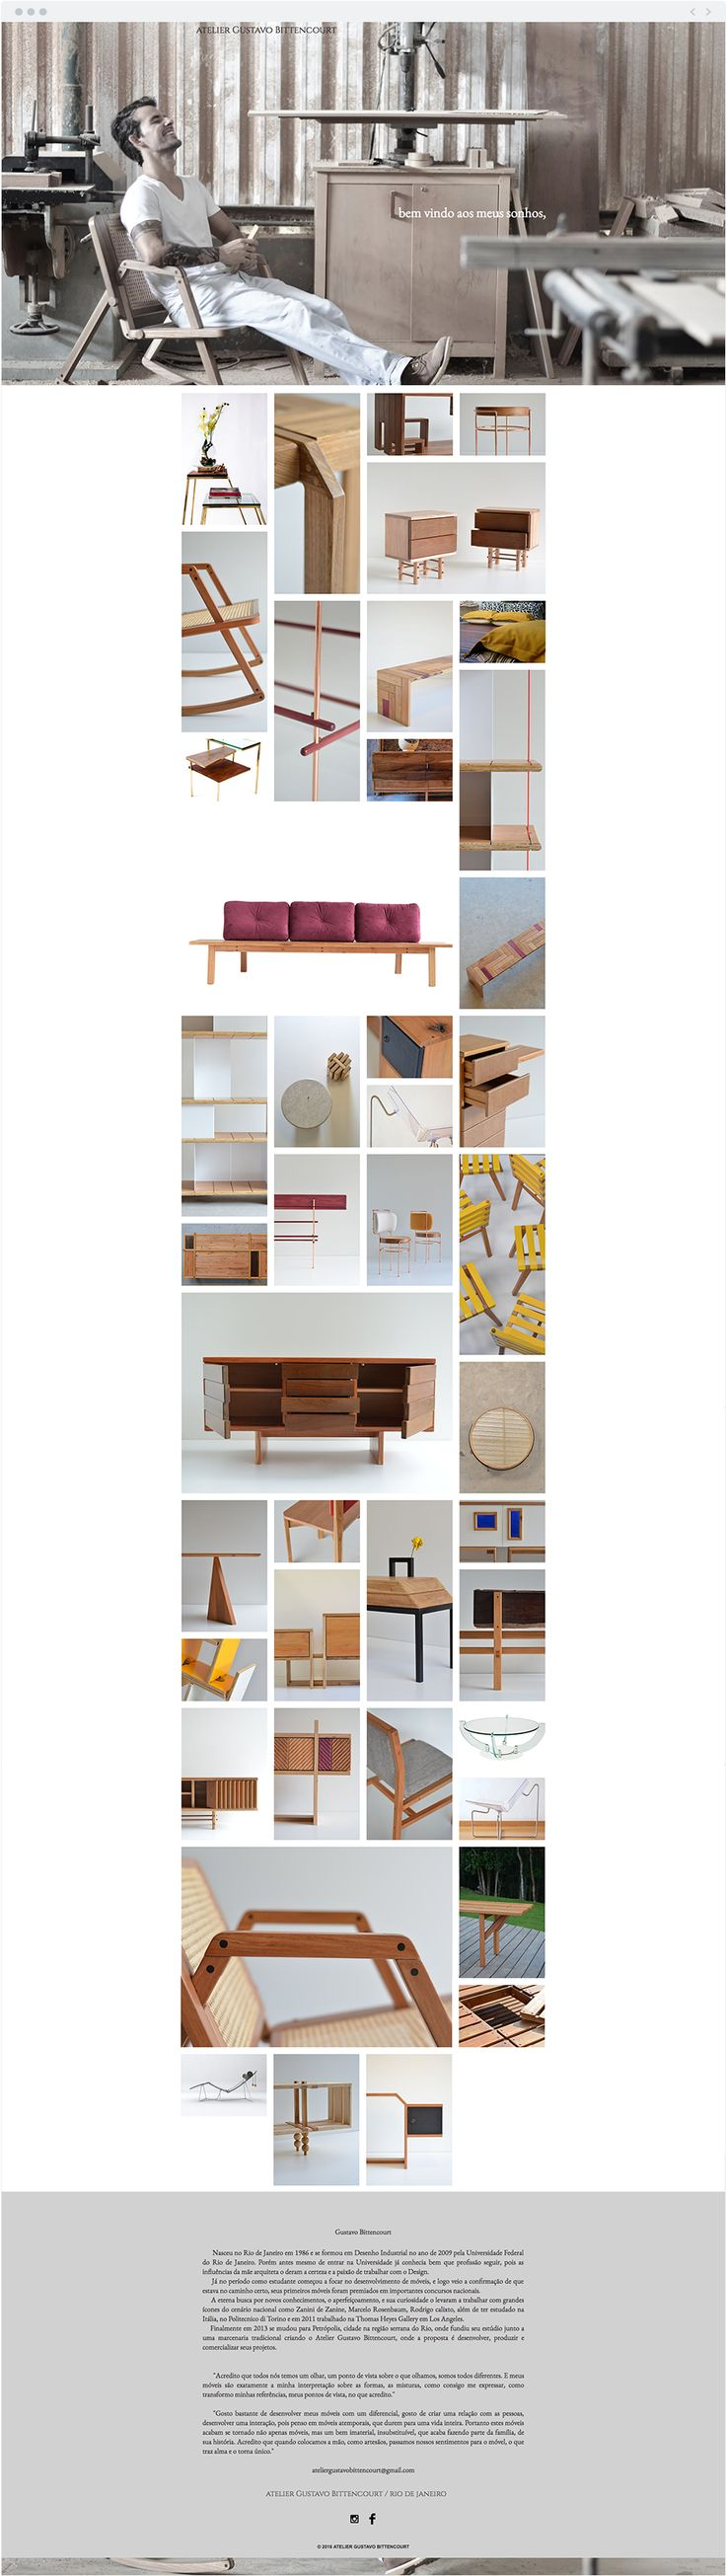 Gustavo Bittencourt | Wood Furniture Designer